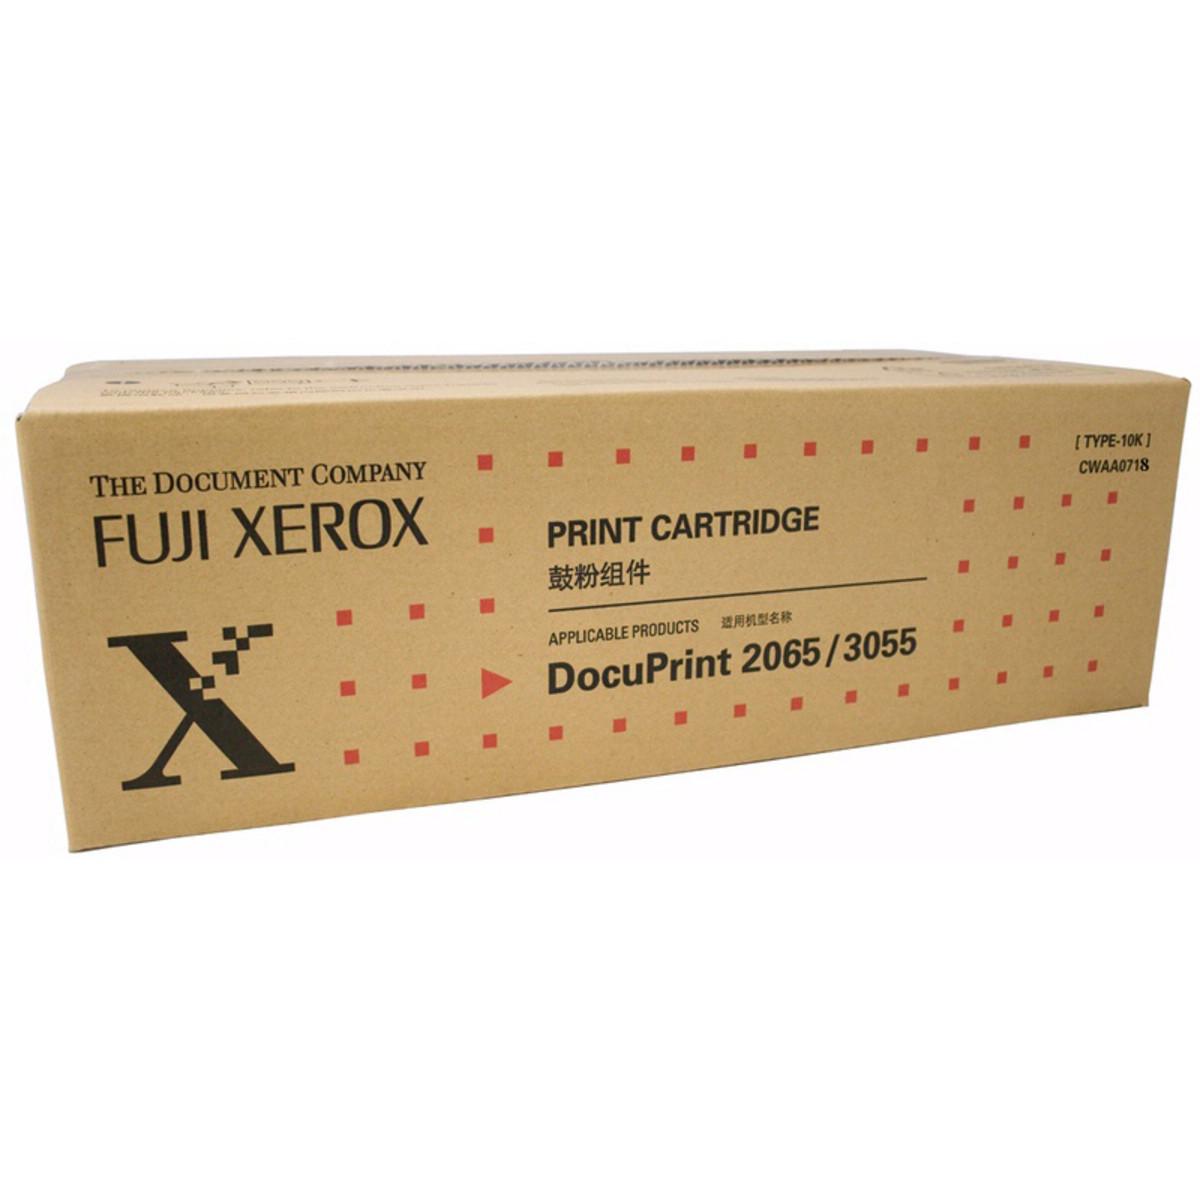 Xerox DP2065/DP3055 Maintenance Kit (220V/110V)